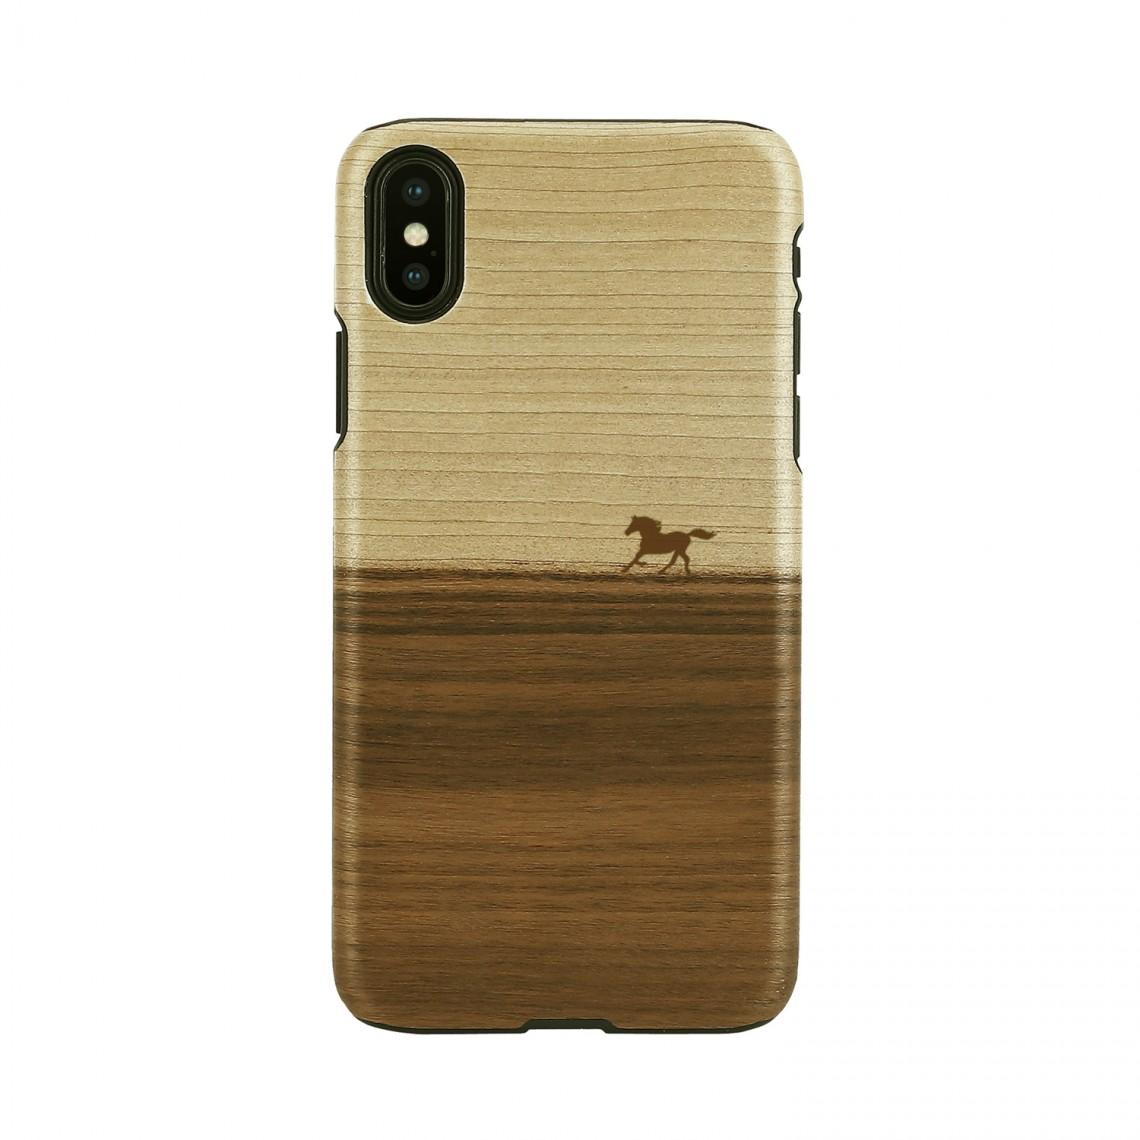 iPhone XR ケース 天然木 Man&Wood Mustang(マンアンドウッド マスタング)